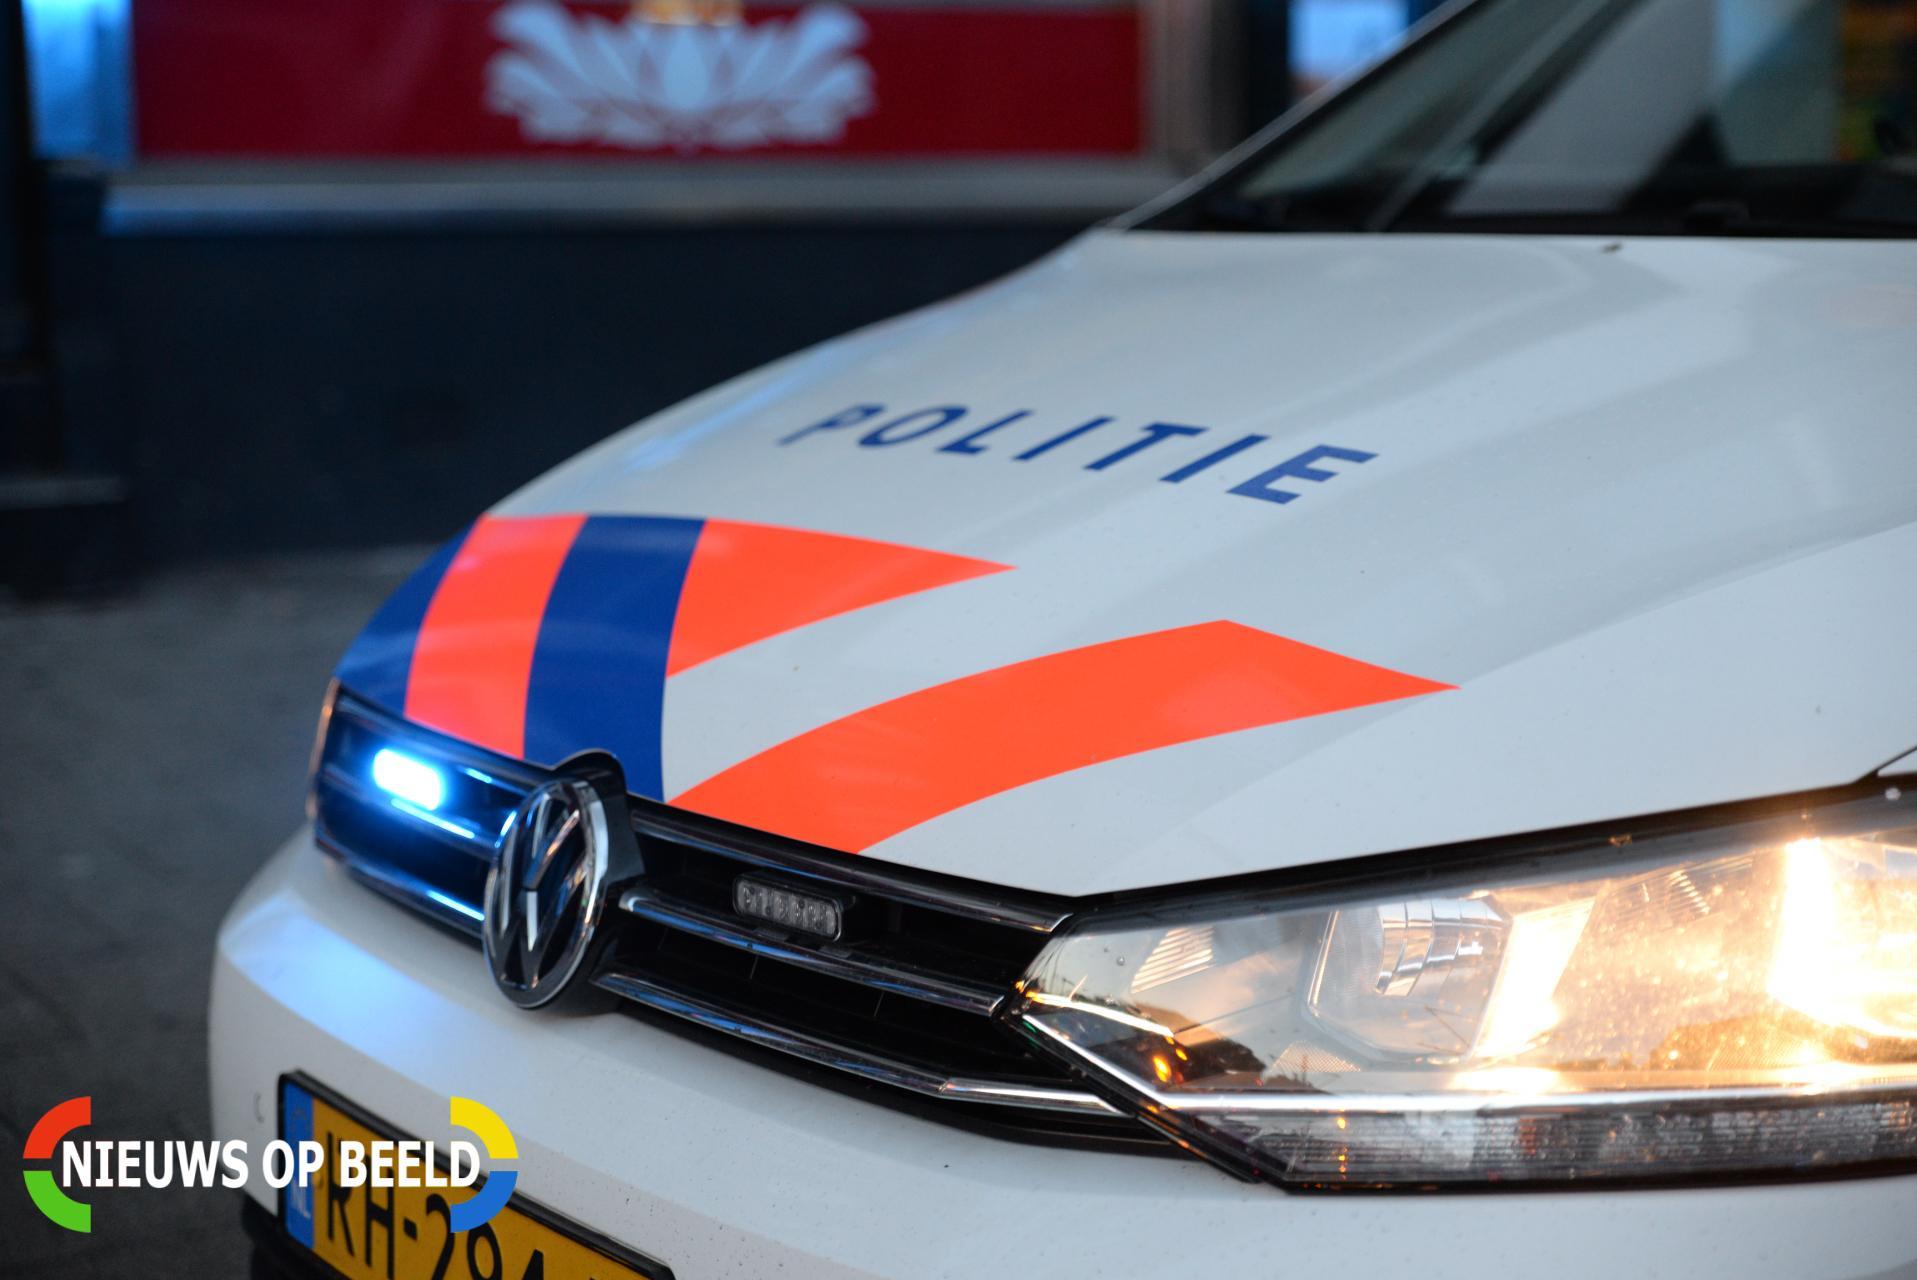 Maaslander aangehouden na vondst lichaam in Haagse woning